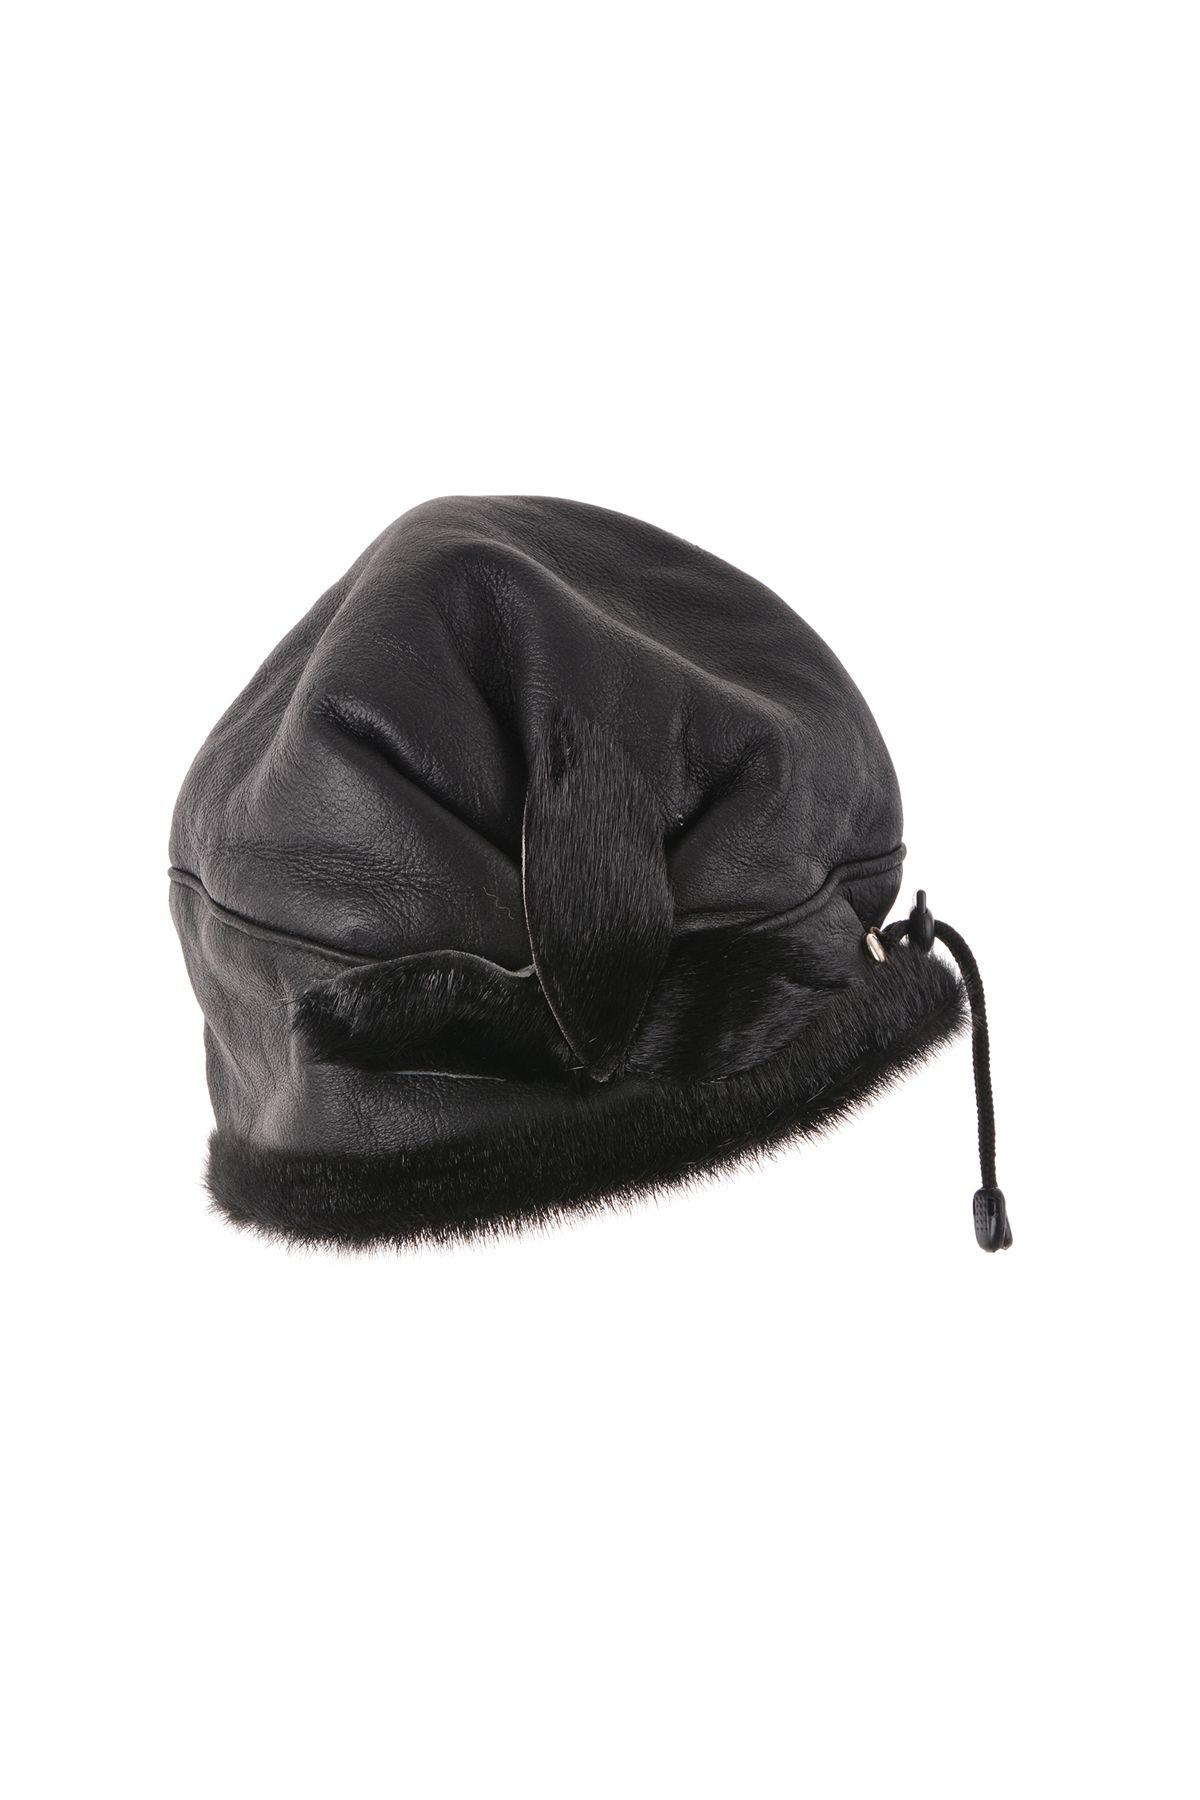 Pegia Hakiki Deri Çiçek Detaylı Bayan Şapka 18AS17 Siyah